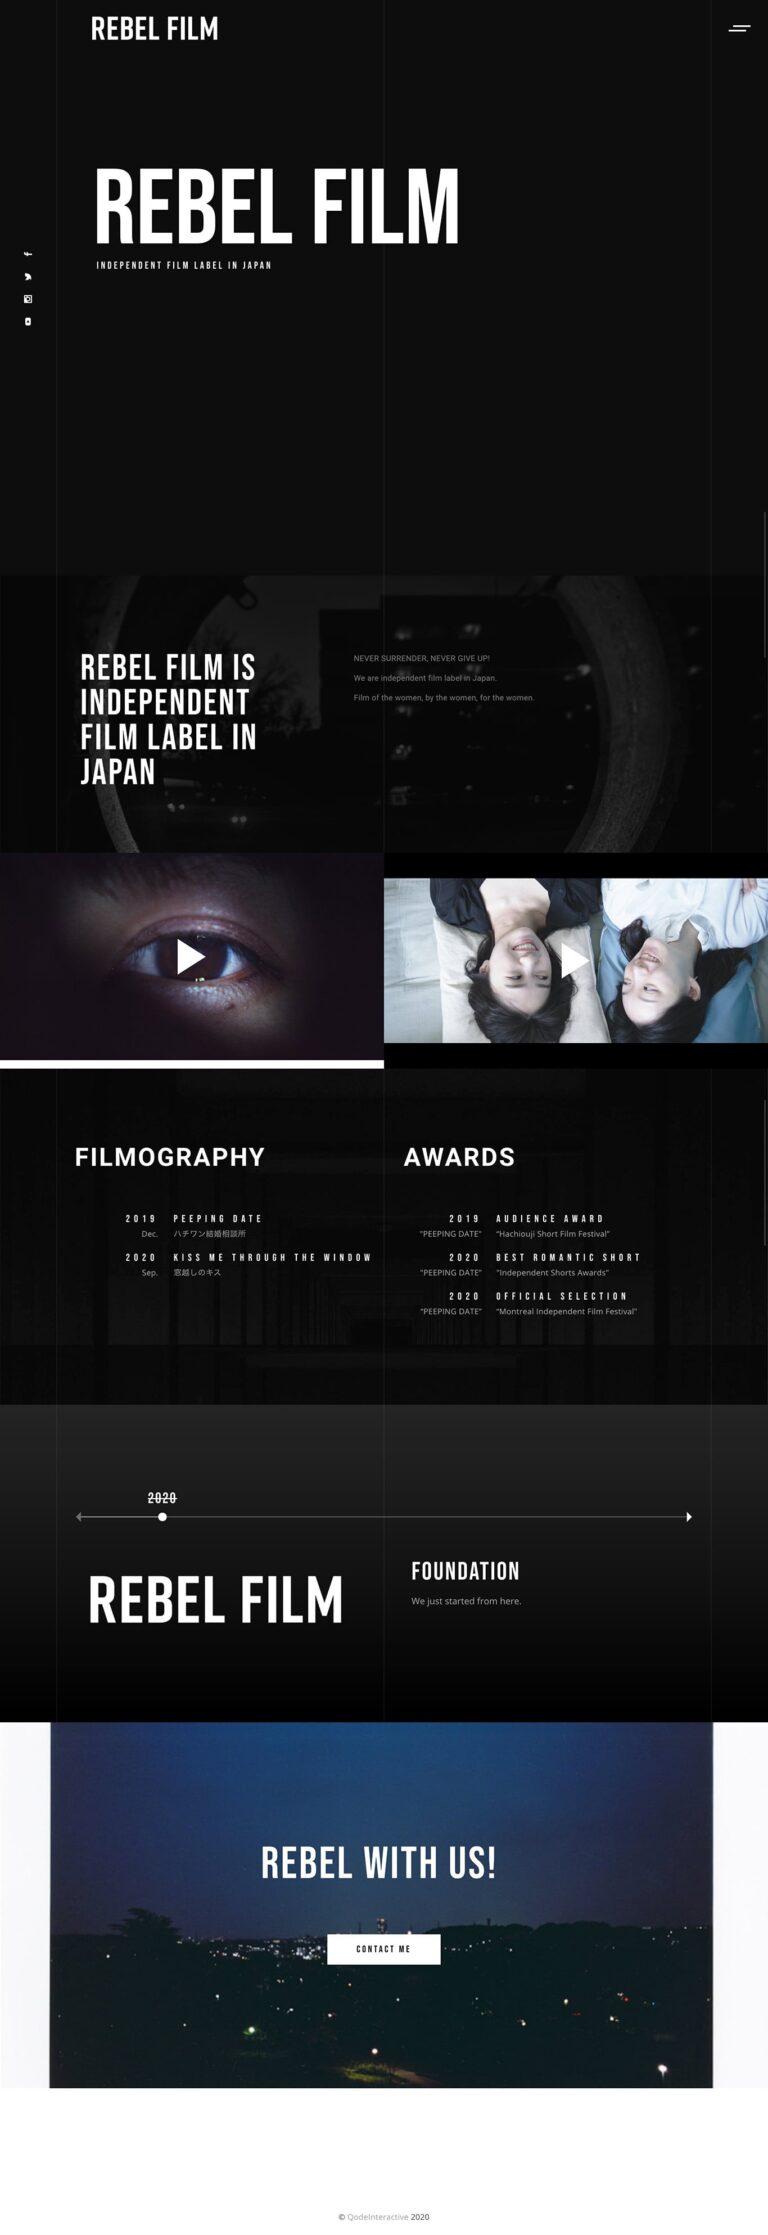 REBEL FILM - Independent Film Label in Japan.